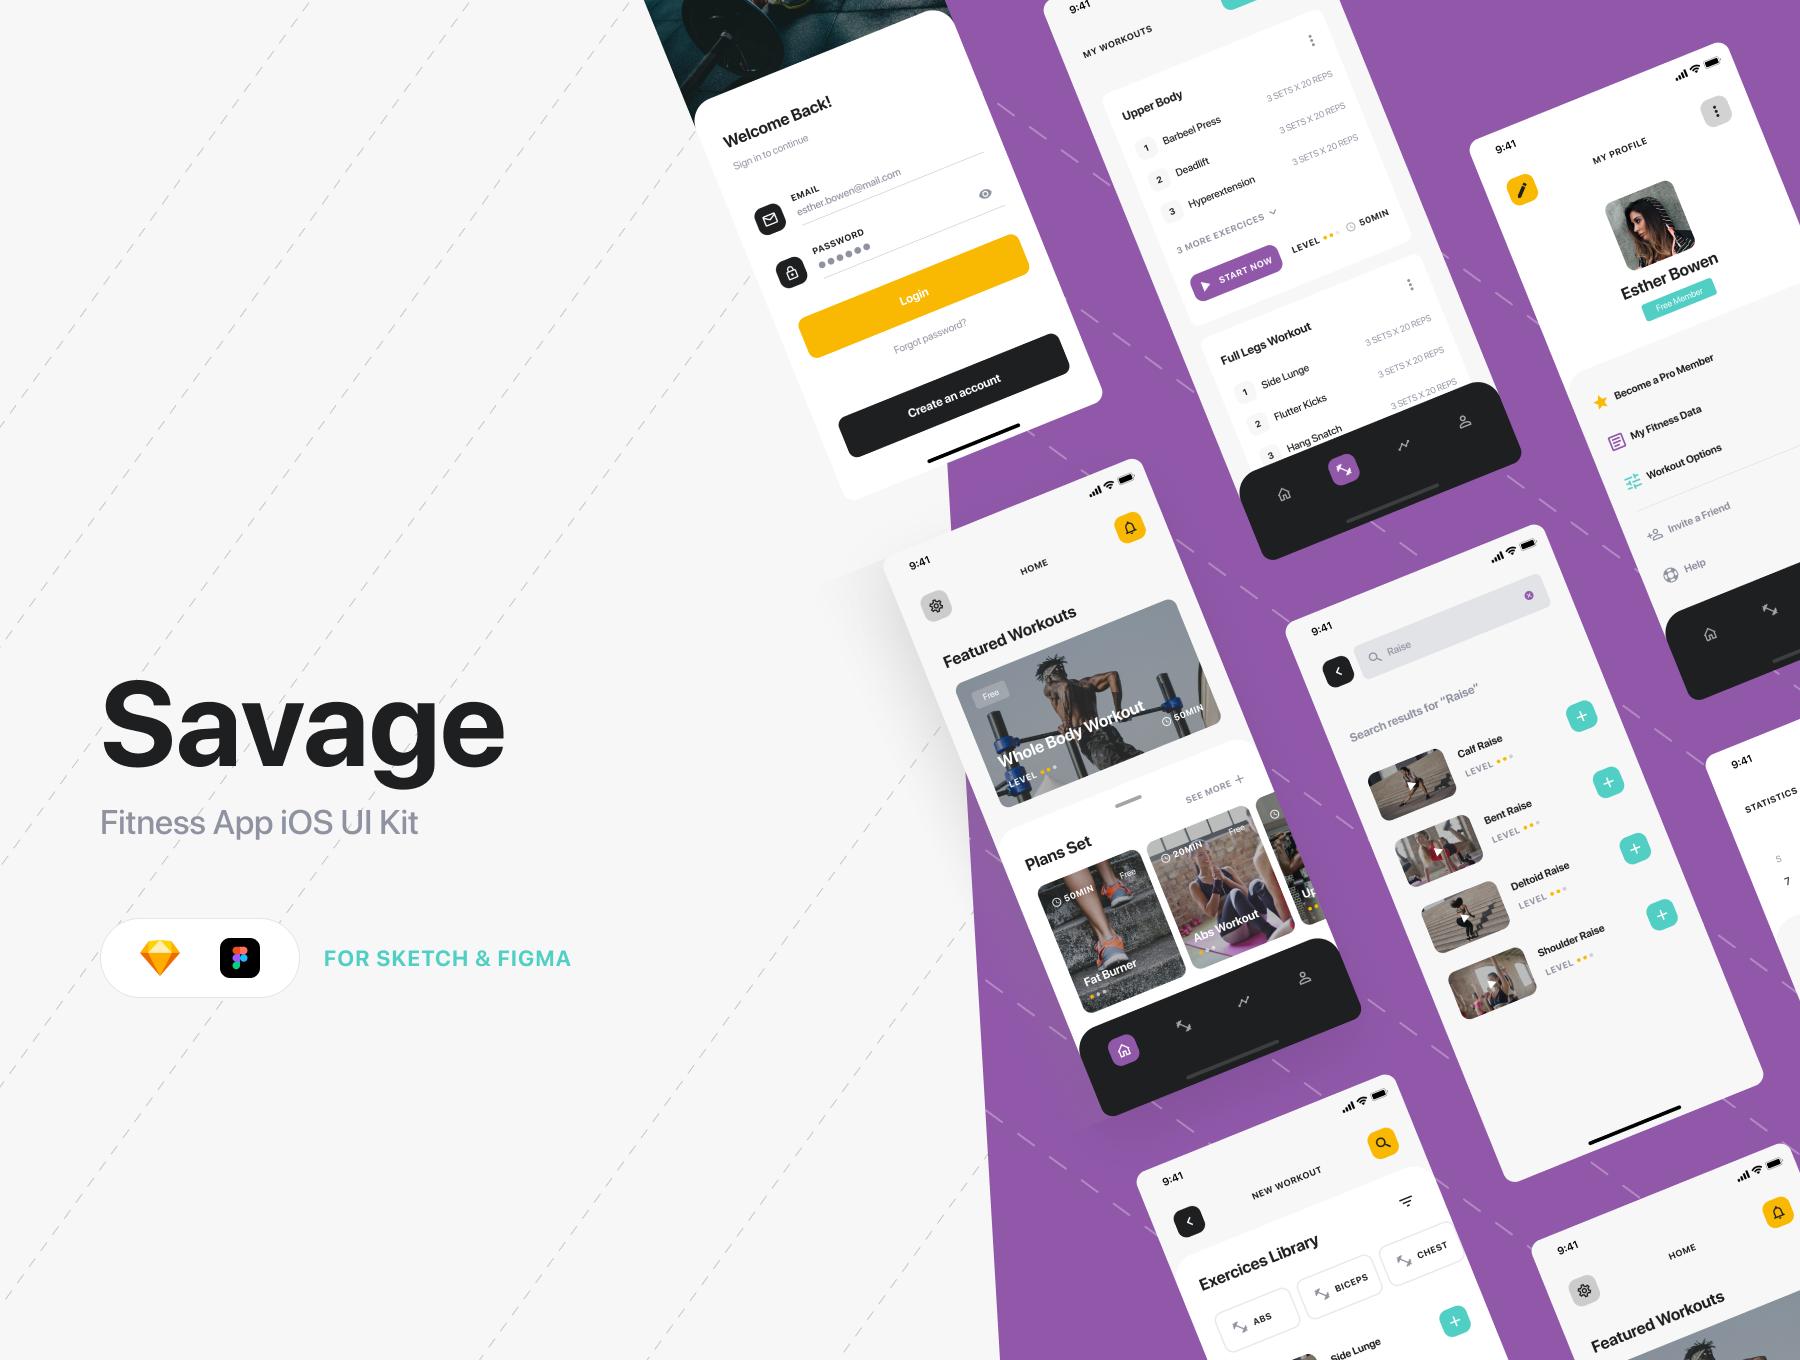 锻炼健身应用APP界面设计UI套件 Savage iOS UI Kit插图